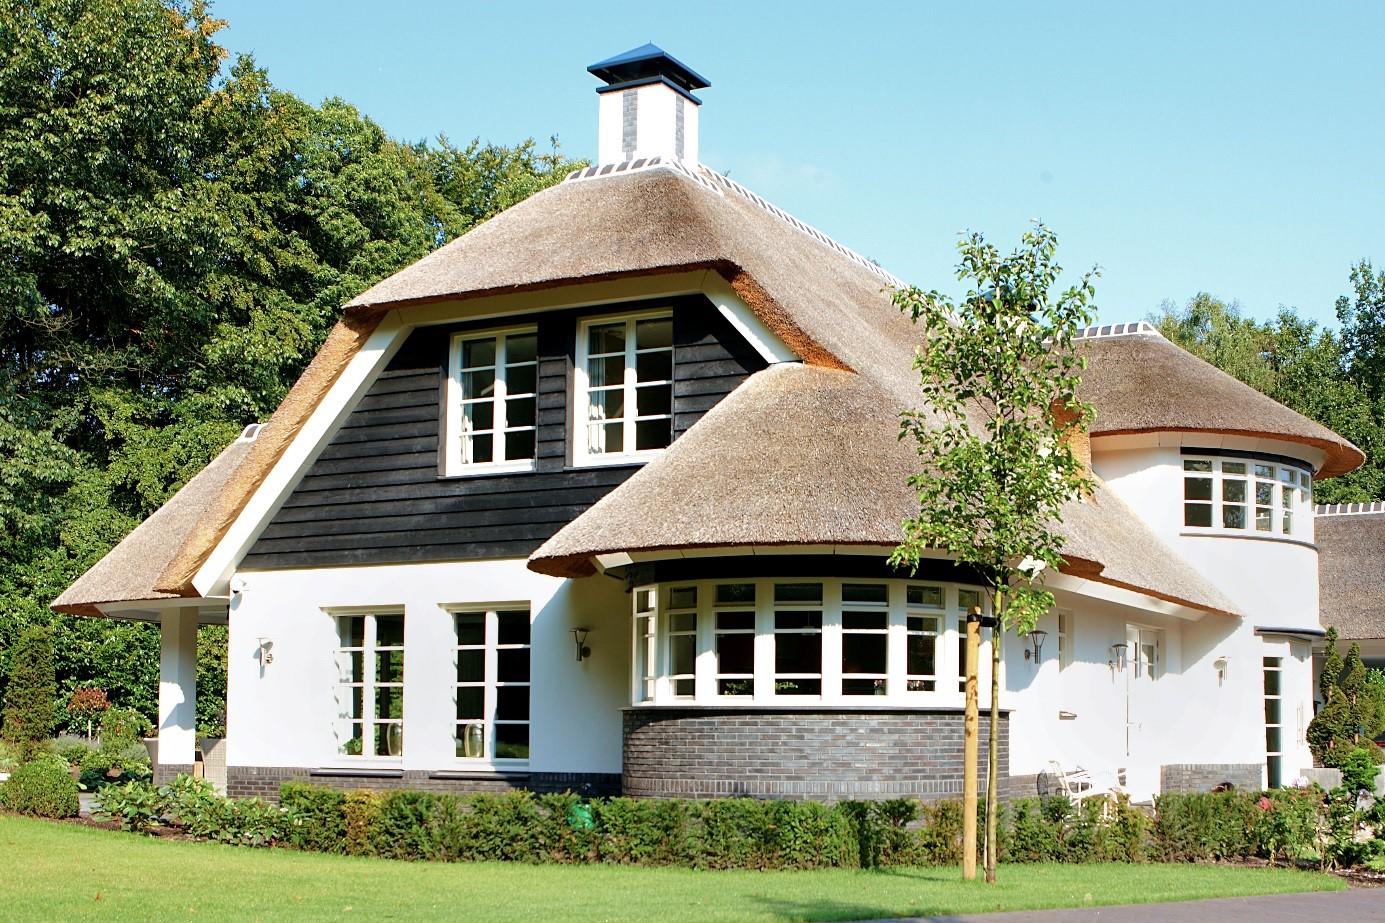 Levensduur rieten dak zorg dat uw dak langer meegaat